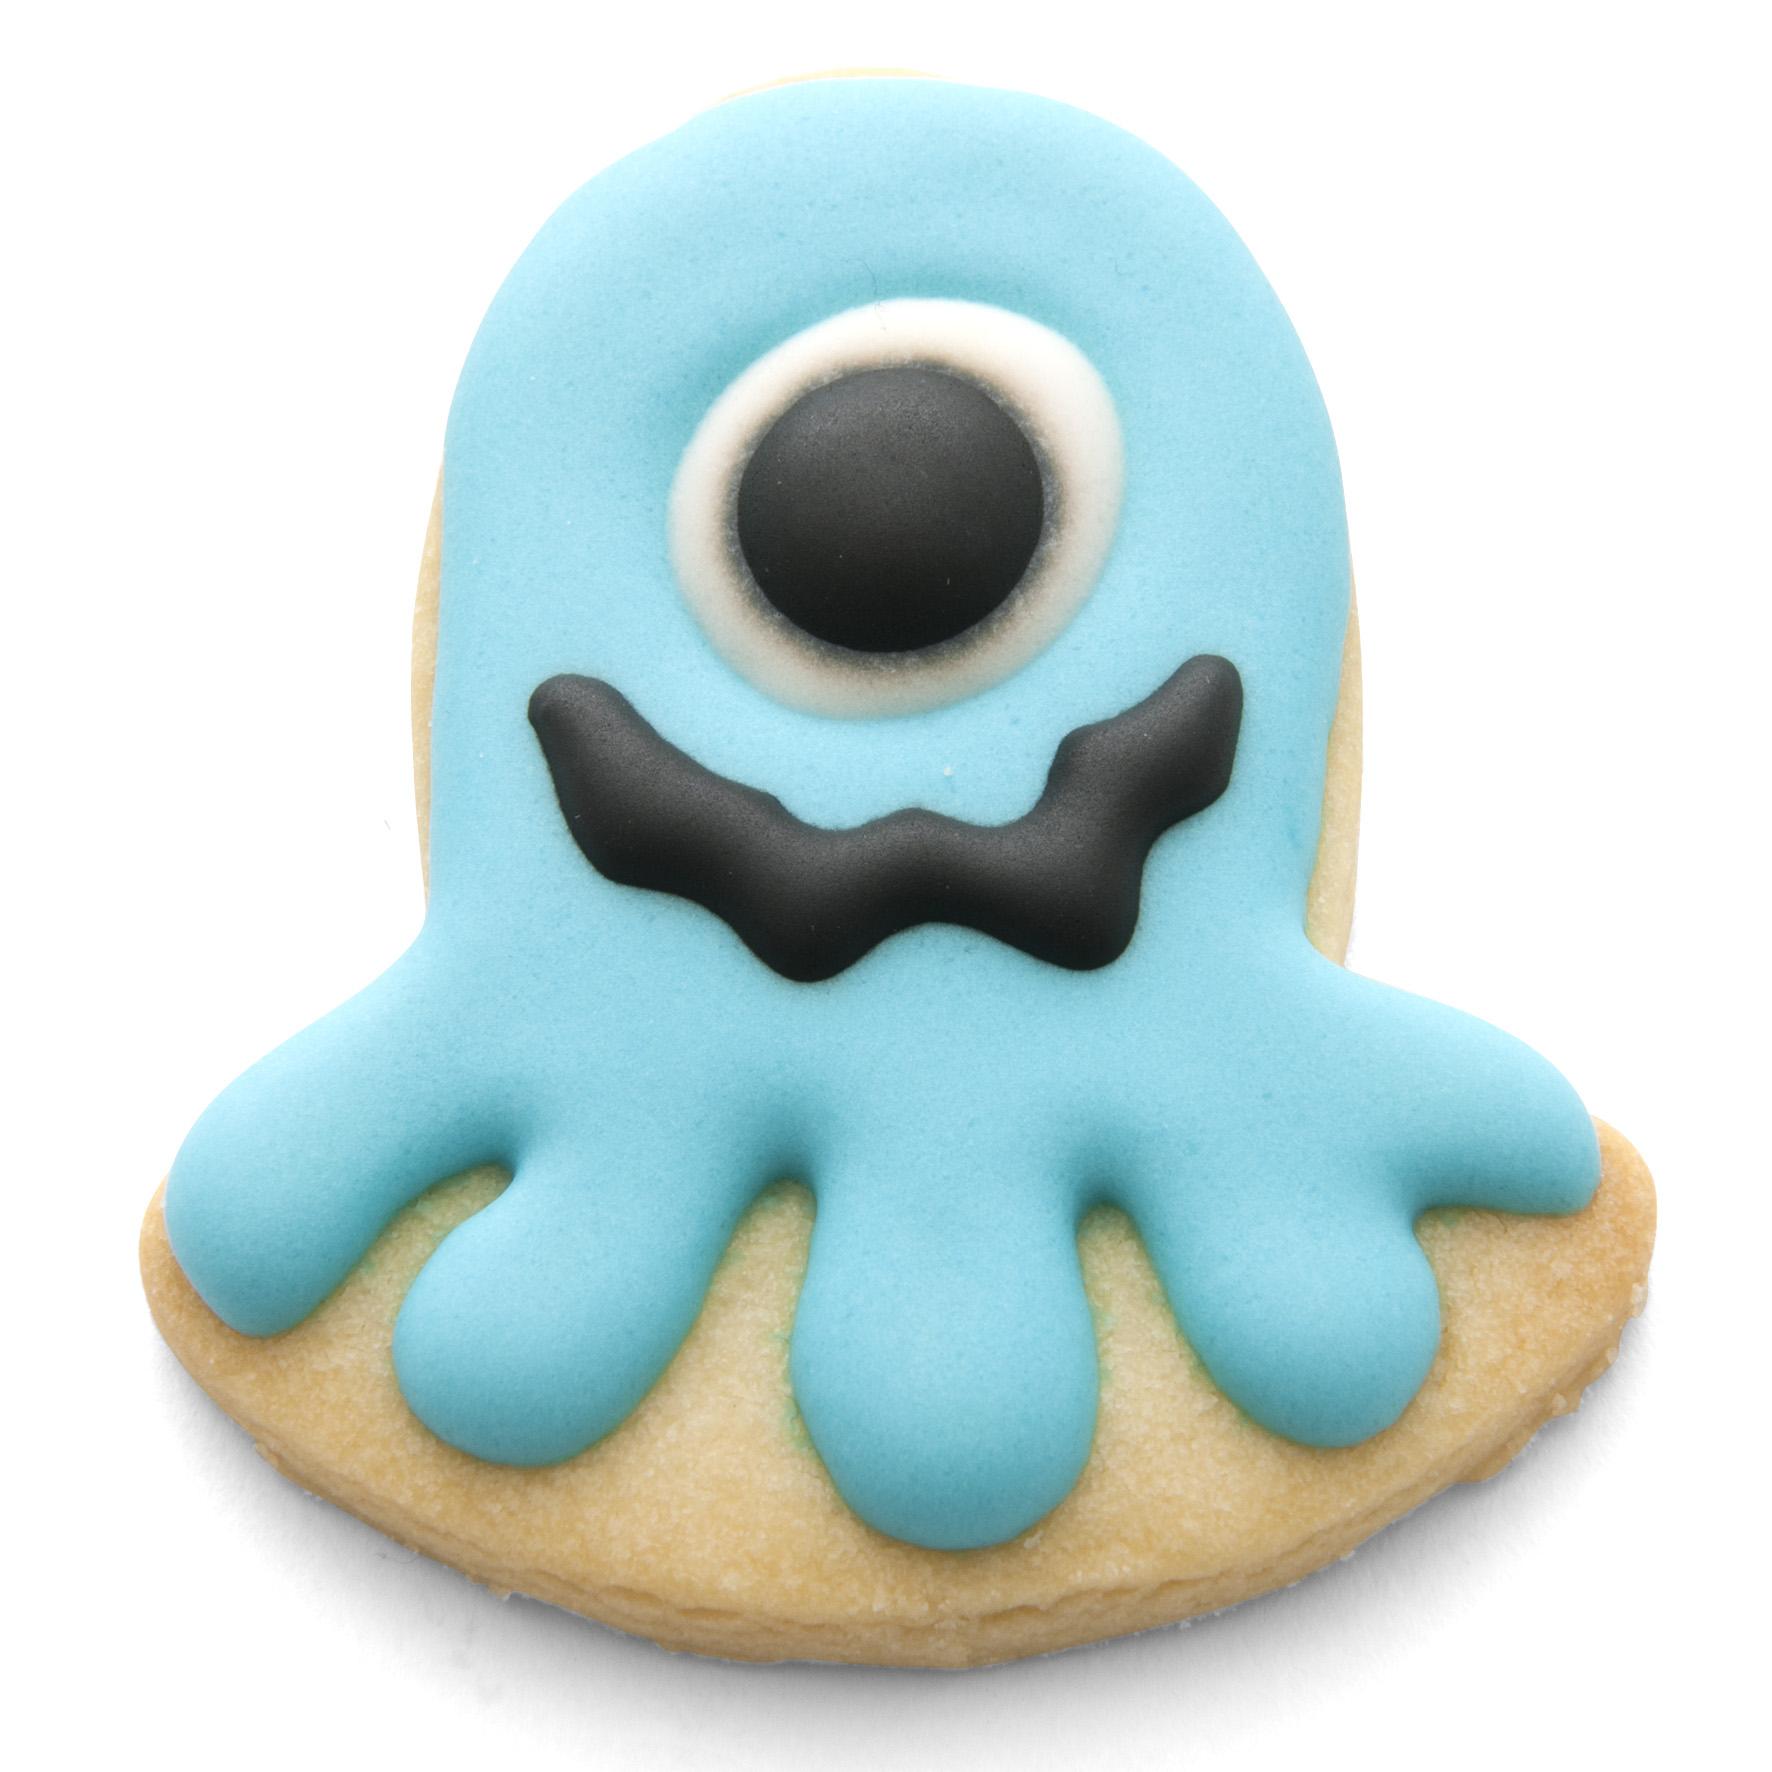 Set Of 4 Planet Alien Small Cookie Cutter Set Cuttercraft